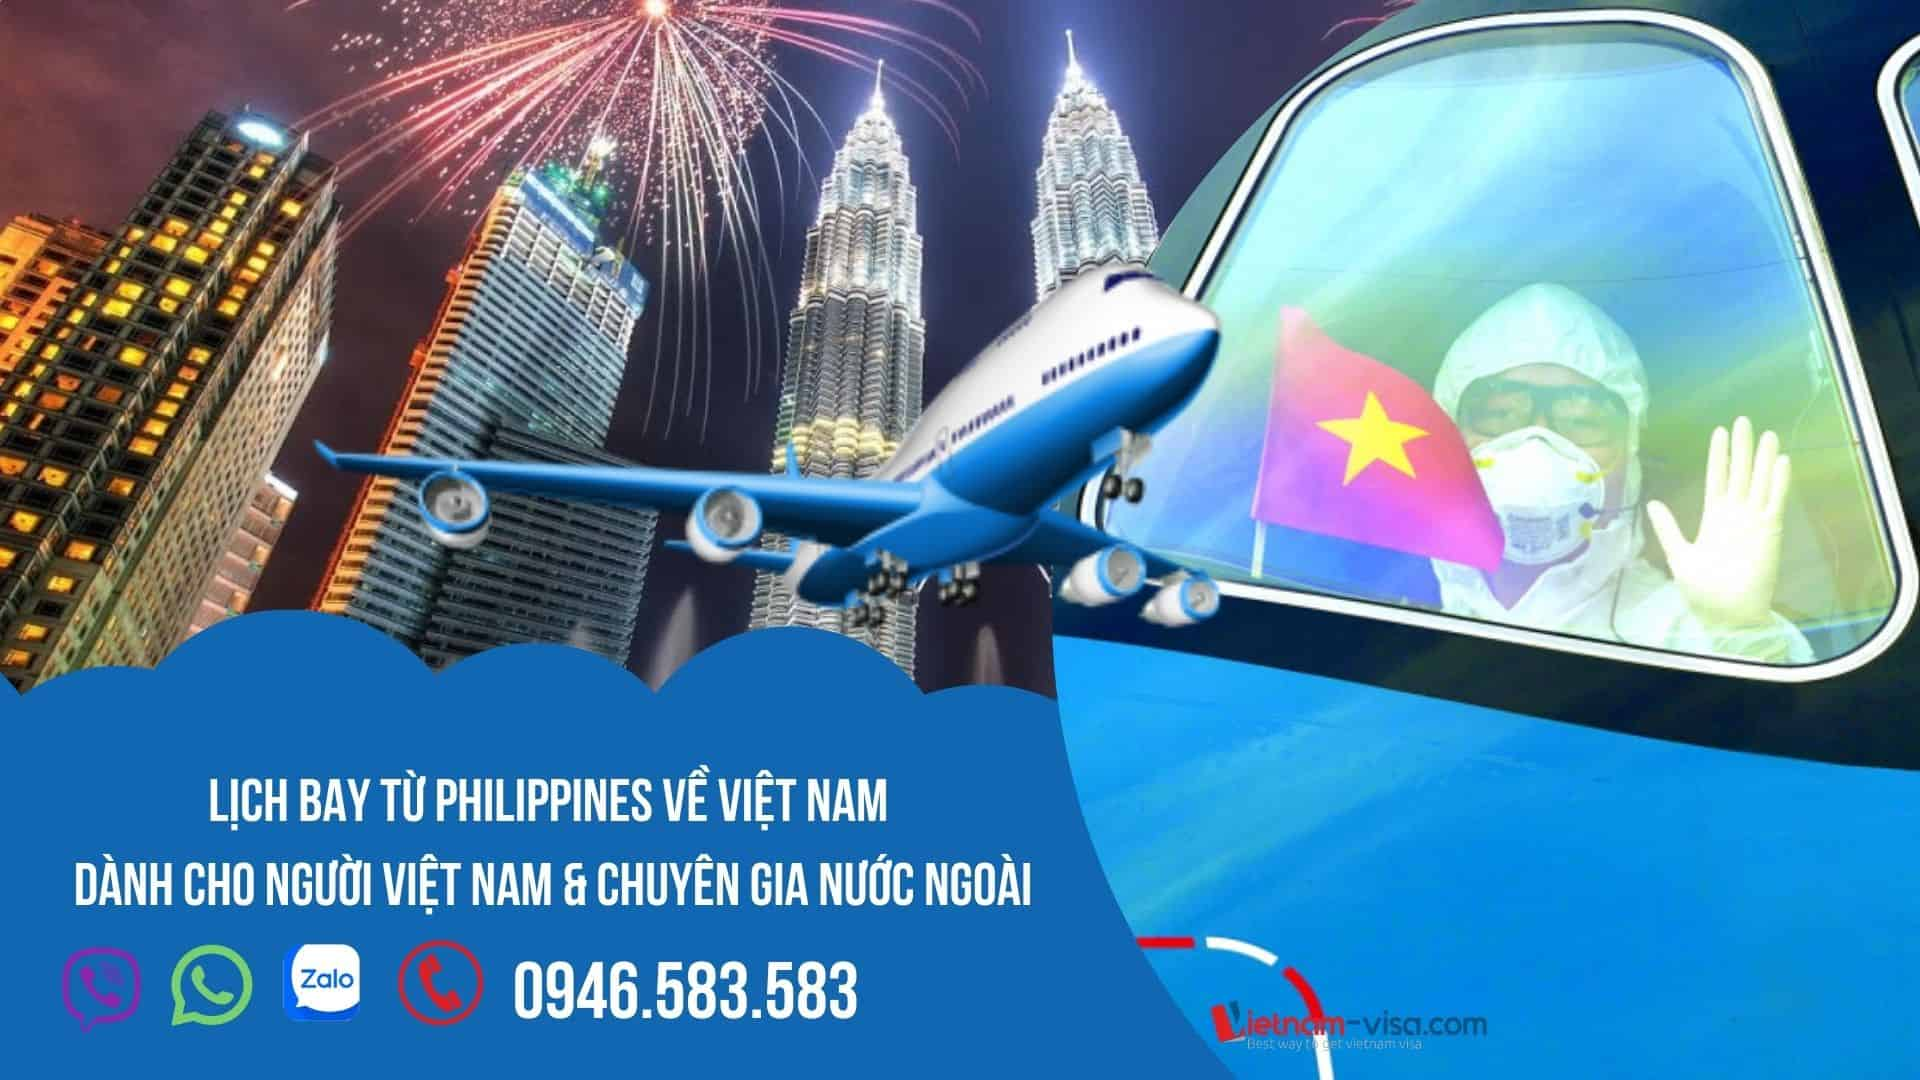 Đặt vé máy bay từ Philippines về Việt Nam – Lịch bay tháng 10 & 11